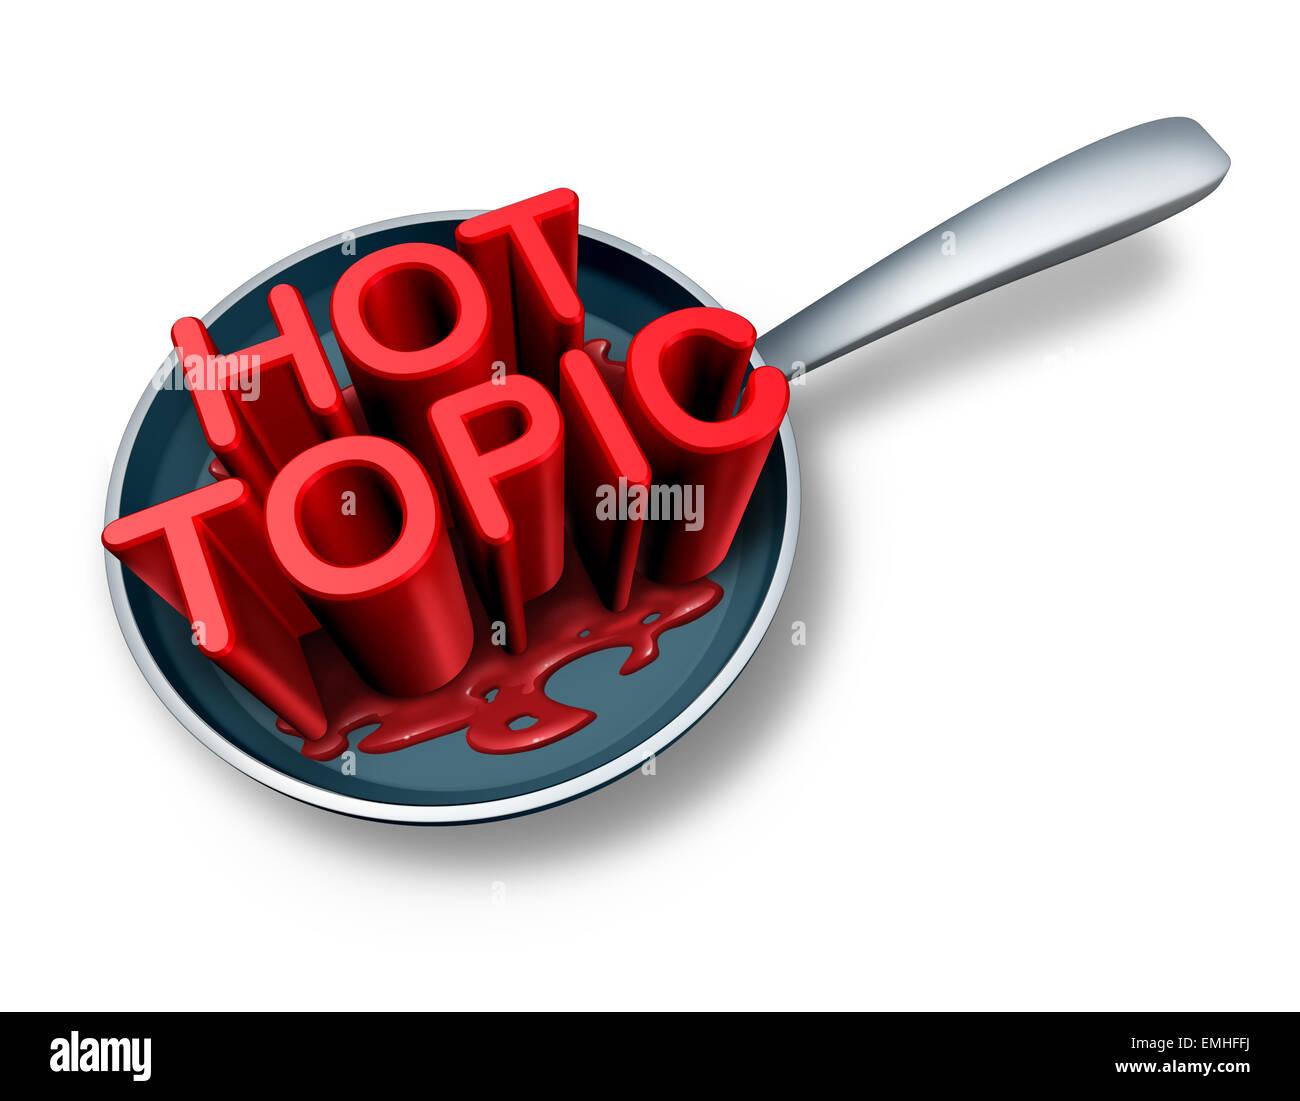 Heißes Thema und Breaking News Symbol als das Wort für aktuelle soziale Newsflash Veranstaltungen in einer Stockbild